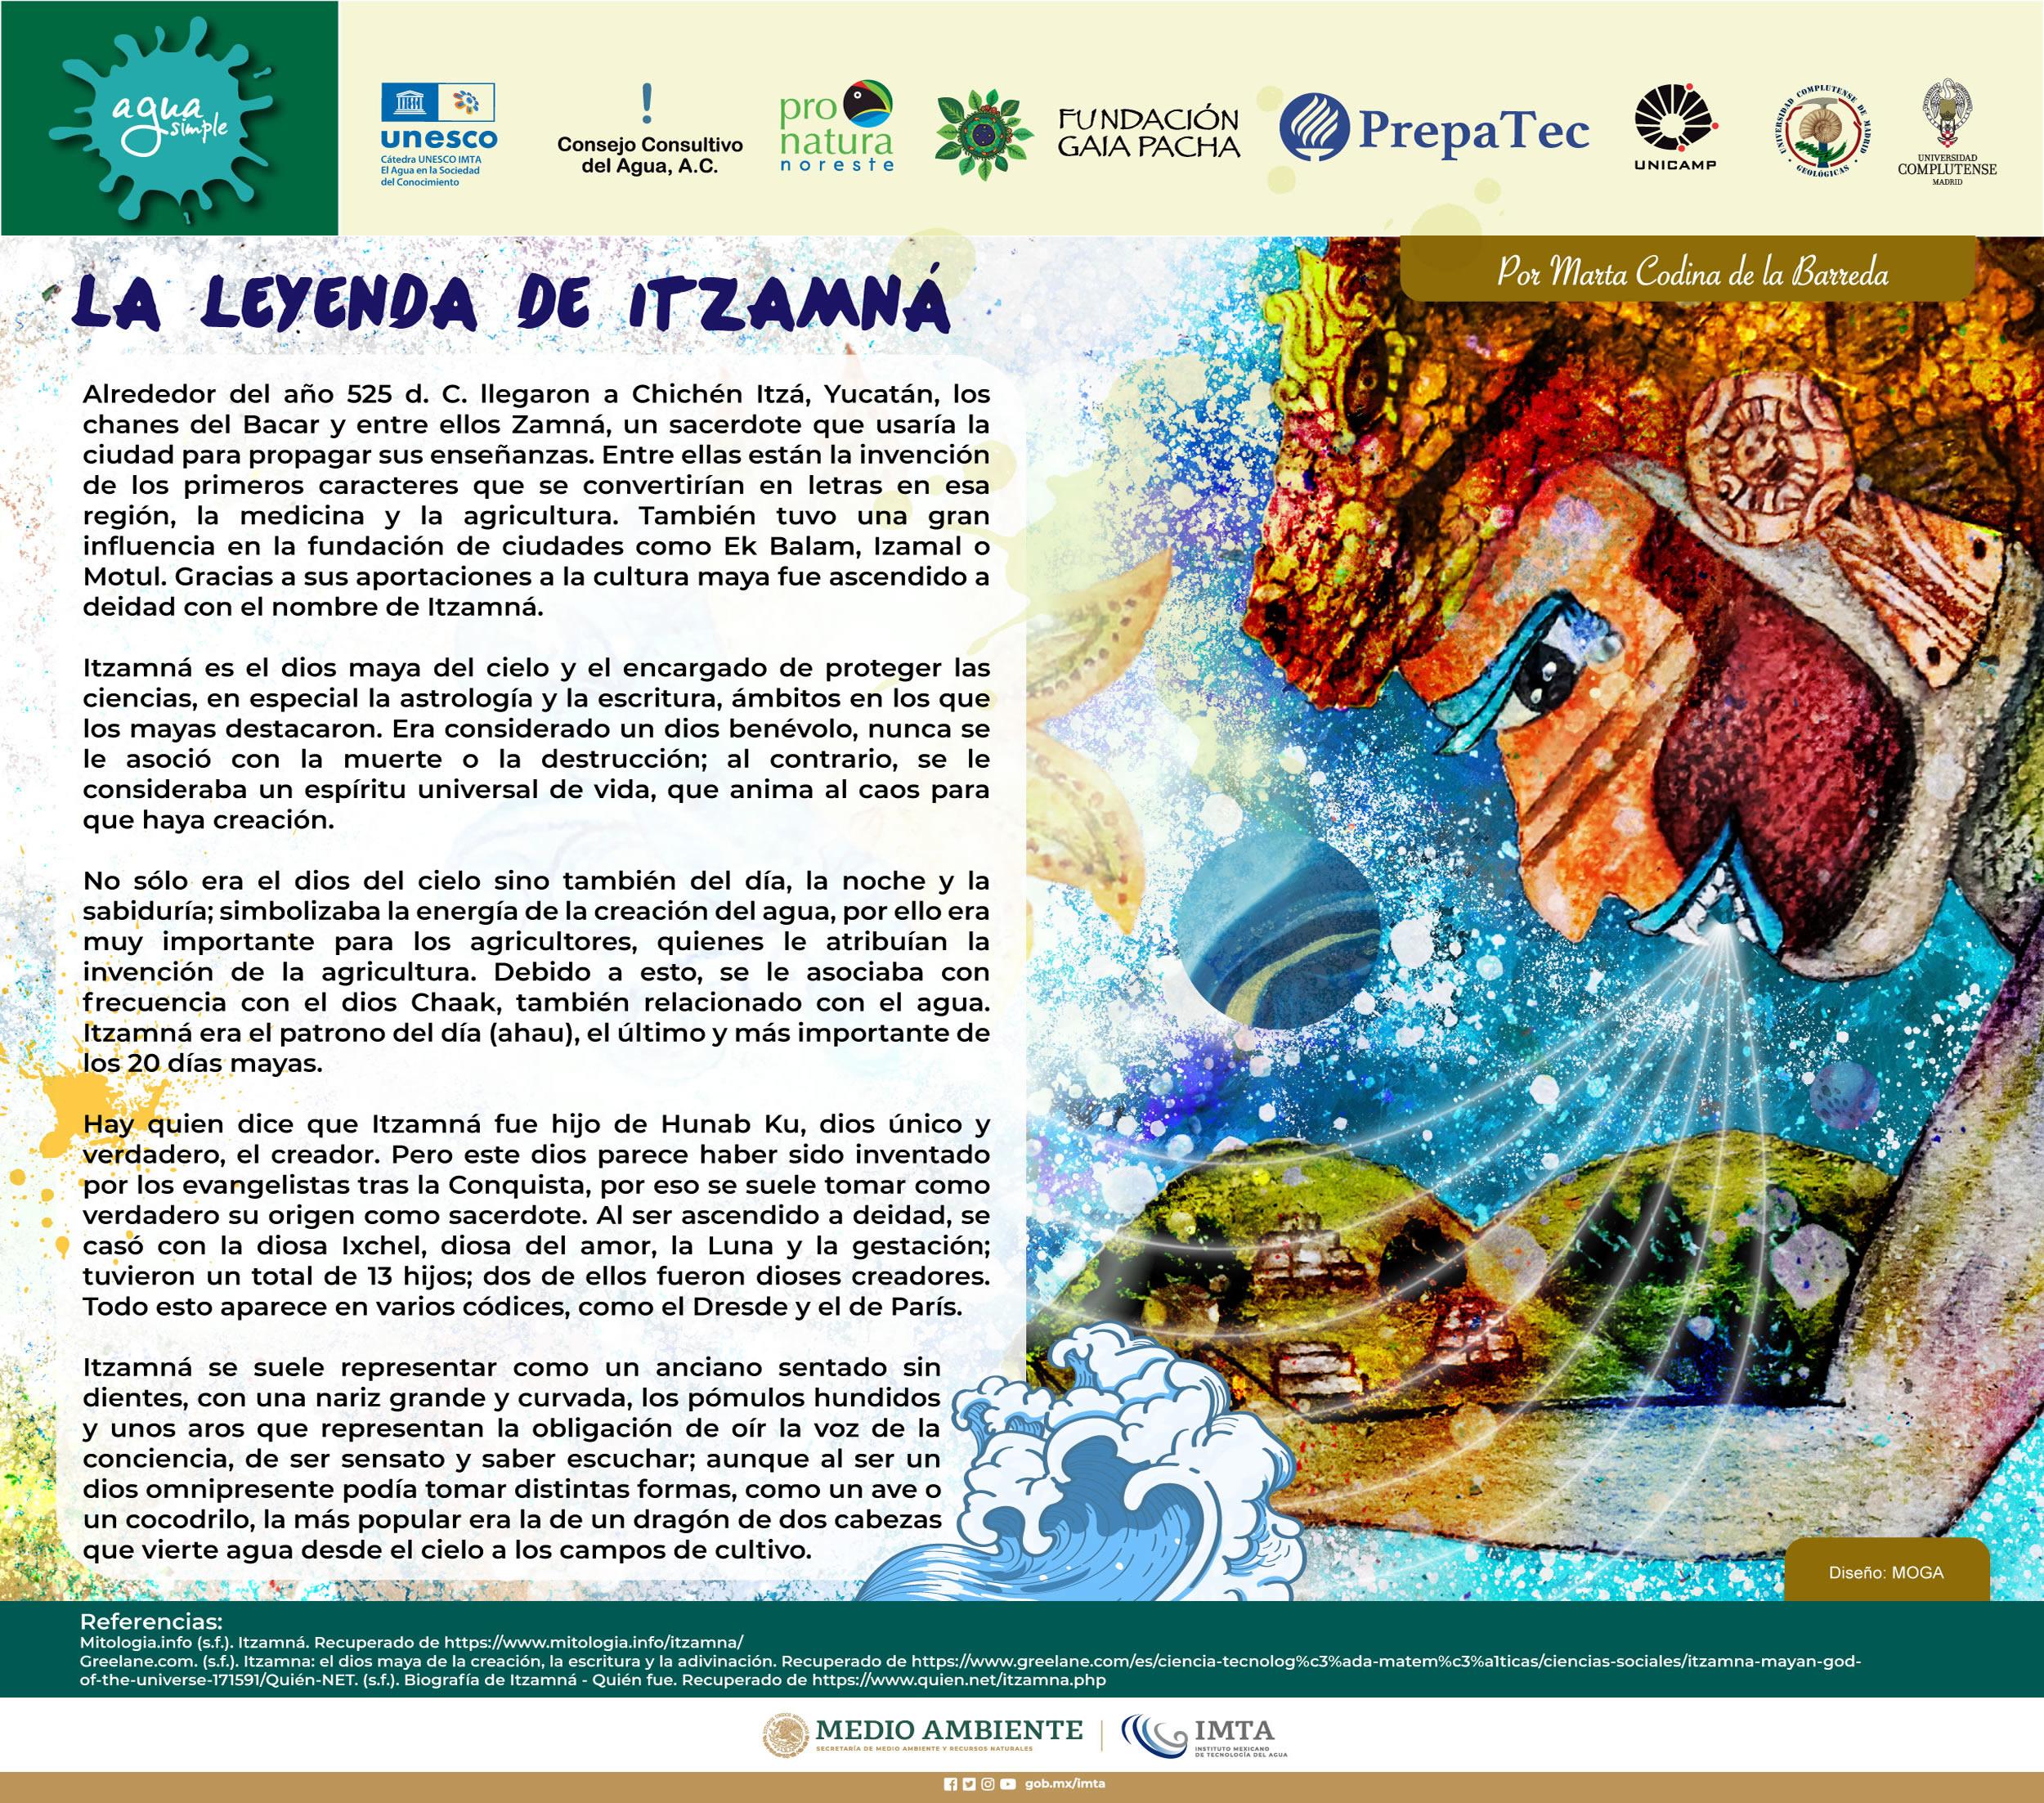 La leyenda de Itzamná